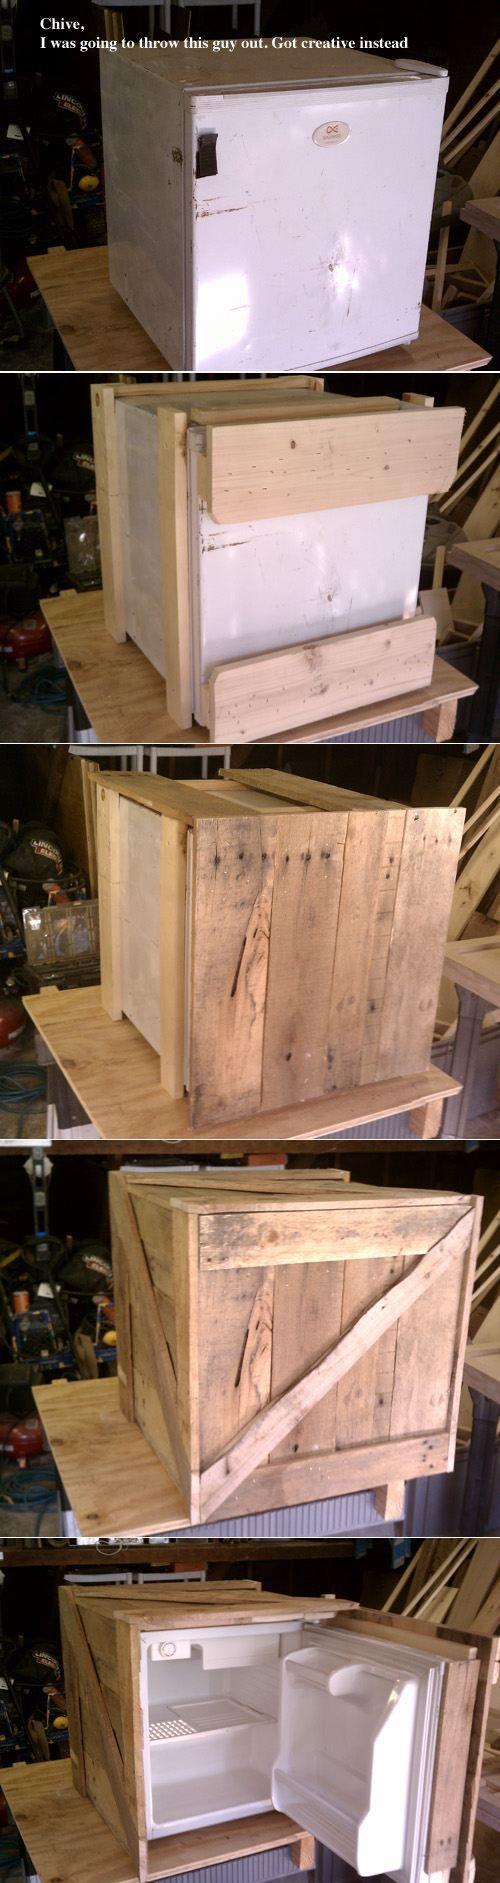 Alten Kuhlschrank Mit Holz Umranden Ideen Fur Projekte Holzbearbeitungs Projekte Diy Projekte